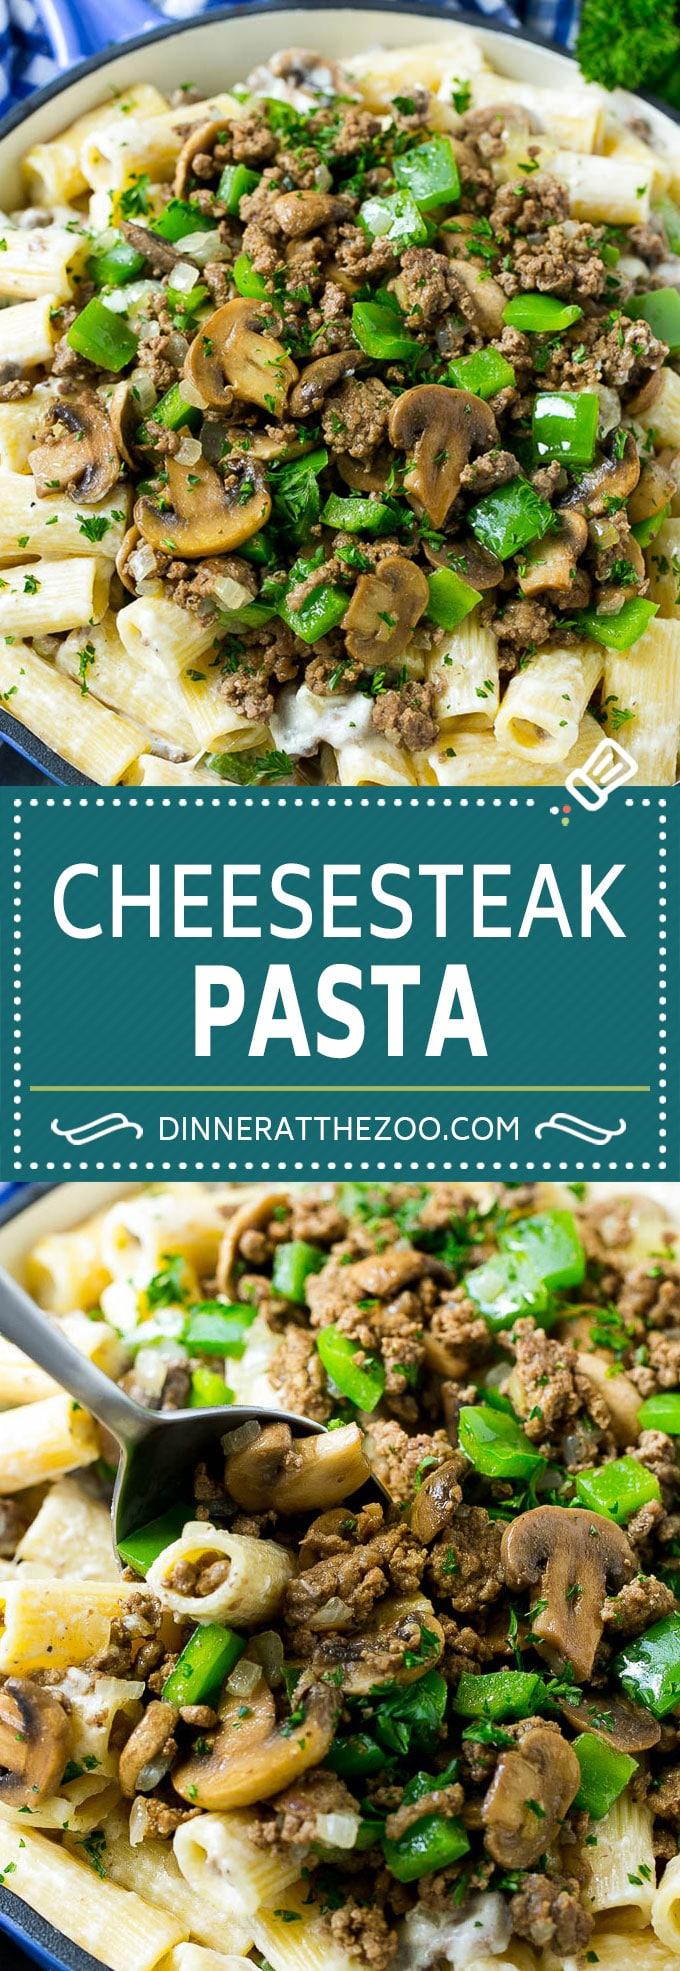 Philly Cheesesteak Pasta   Ground Beef Pasta   Creamy Pasta #phillycheesesteak #beef #pasta #peppers #mushrooms #dinner #dinneratthezoo